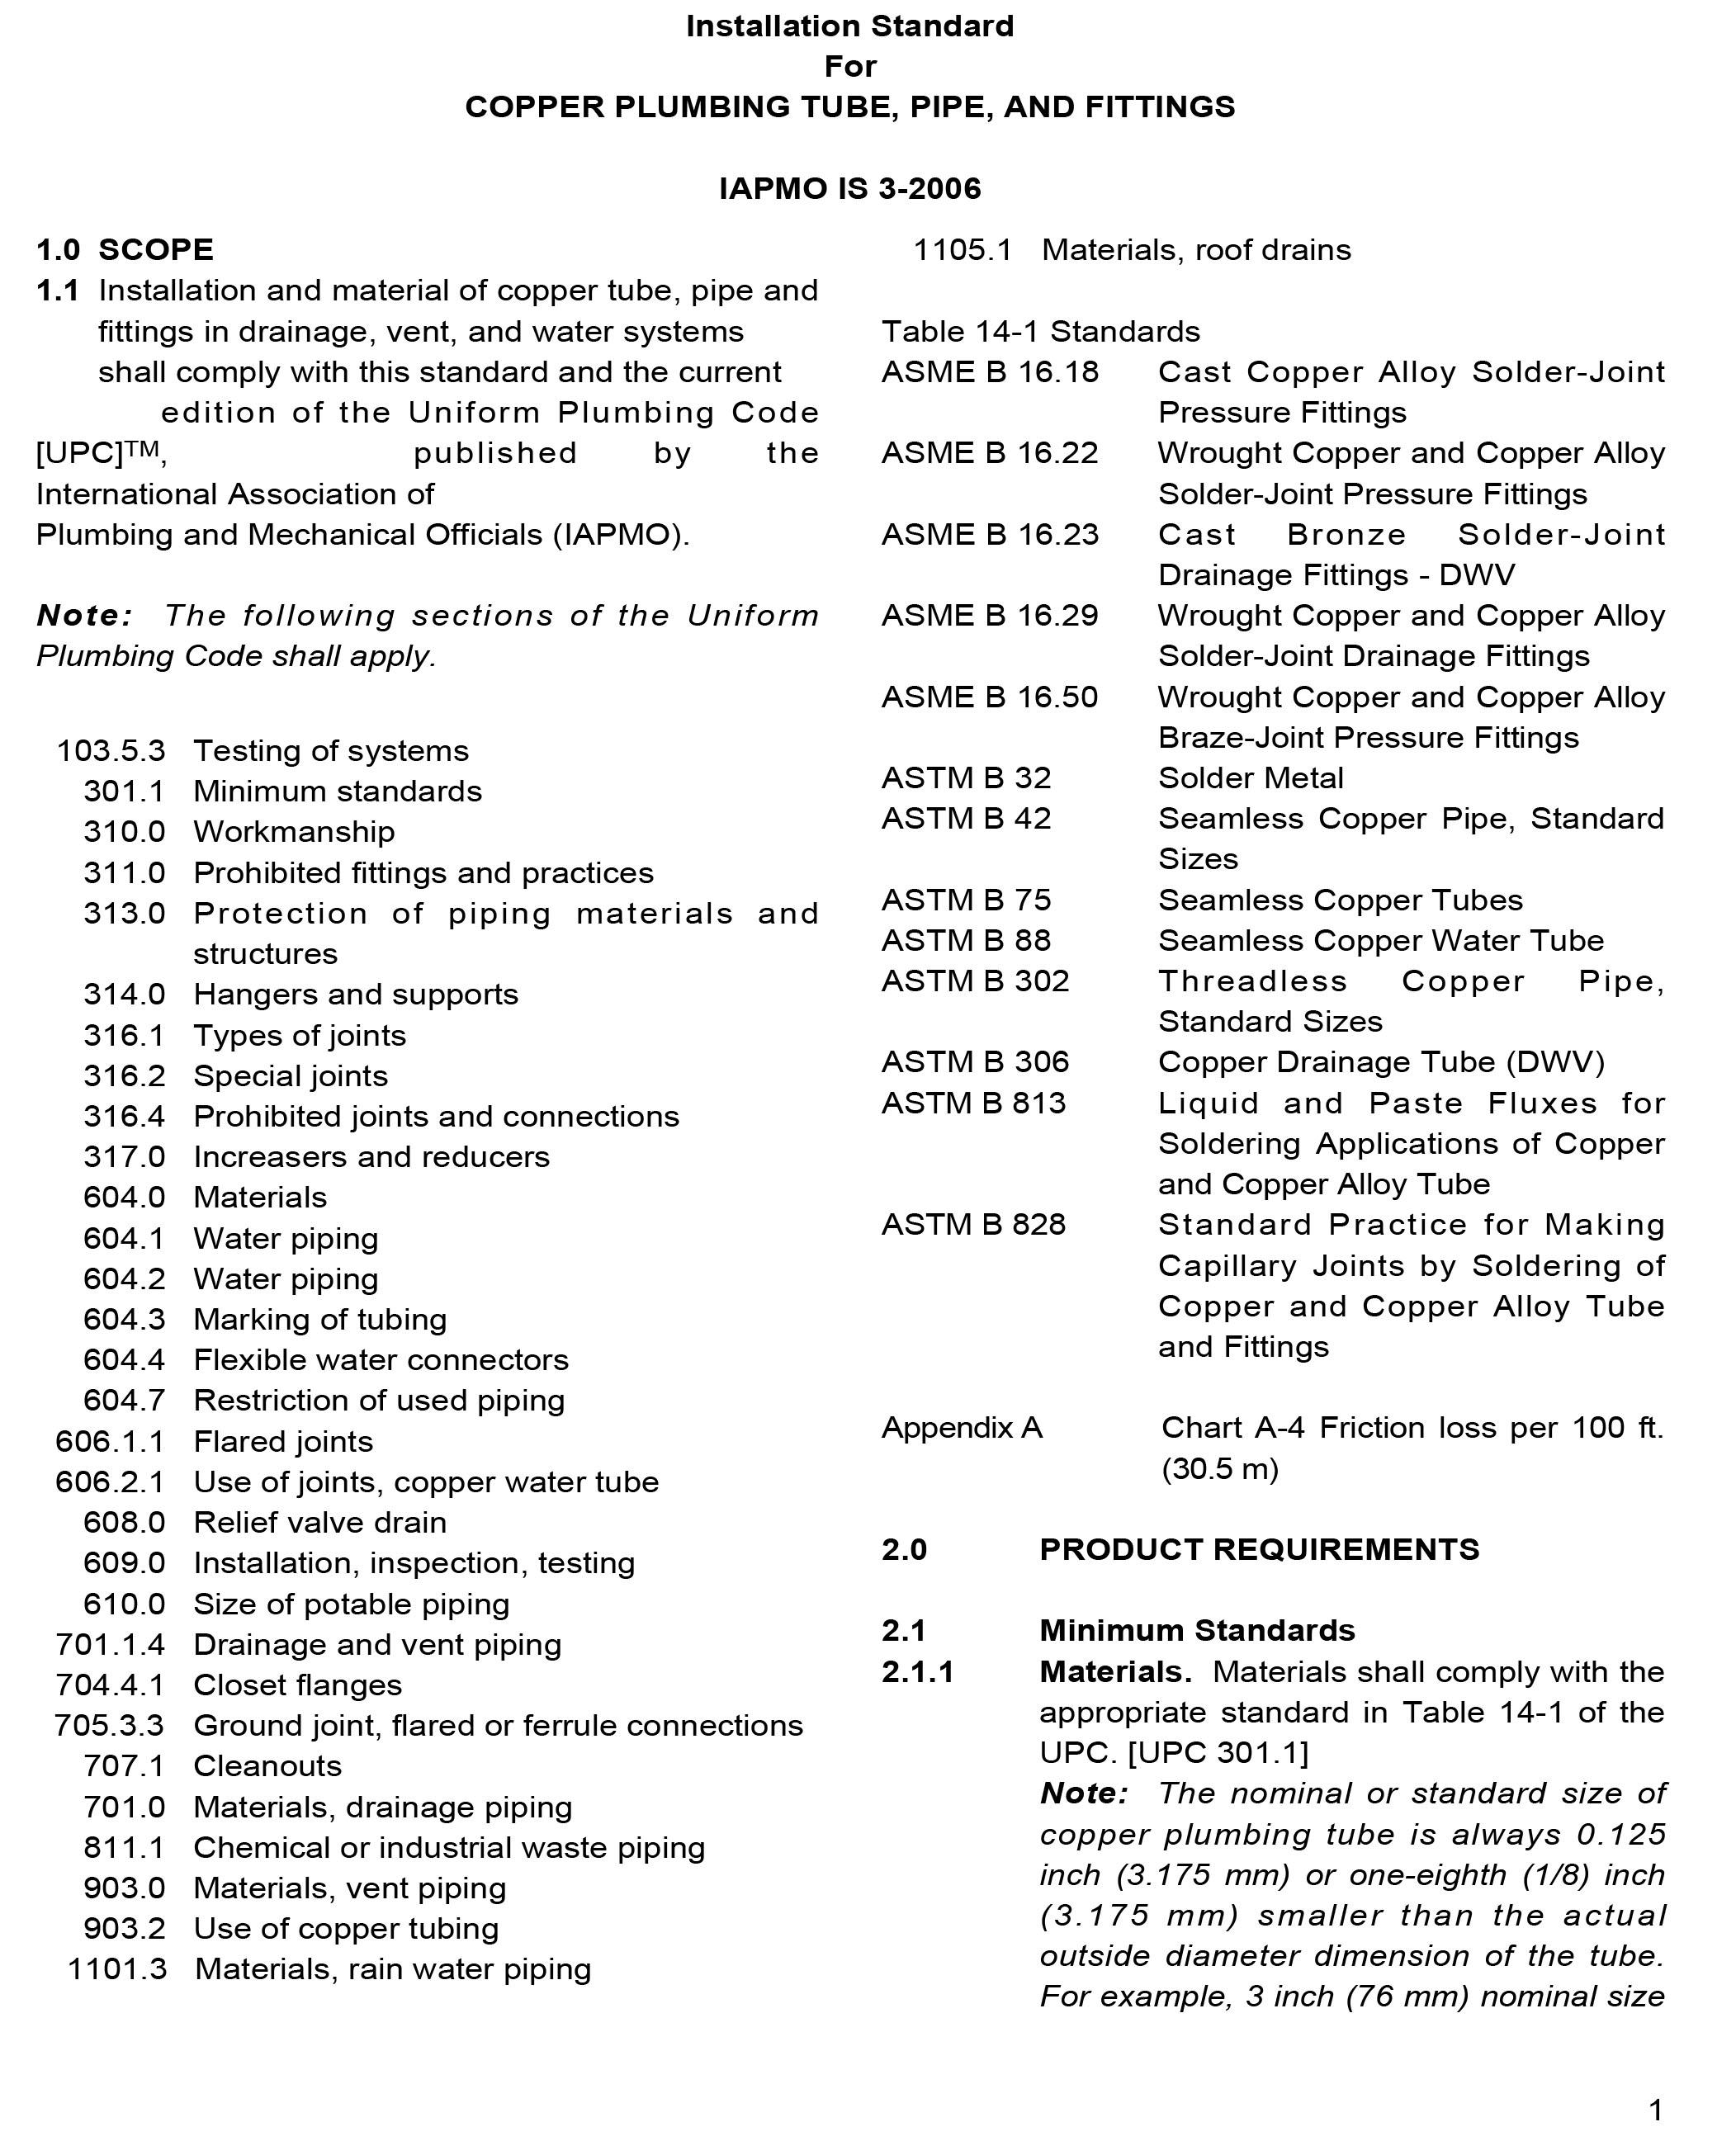 IAPMO IS 3-2006